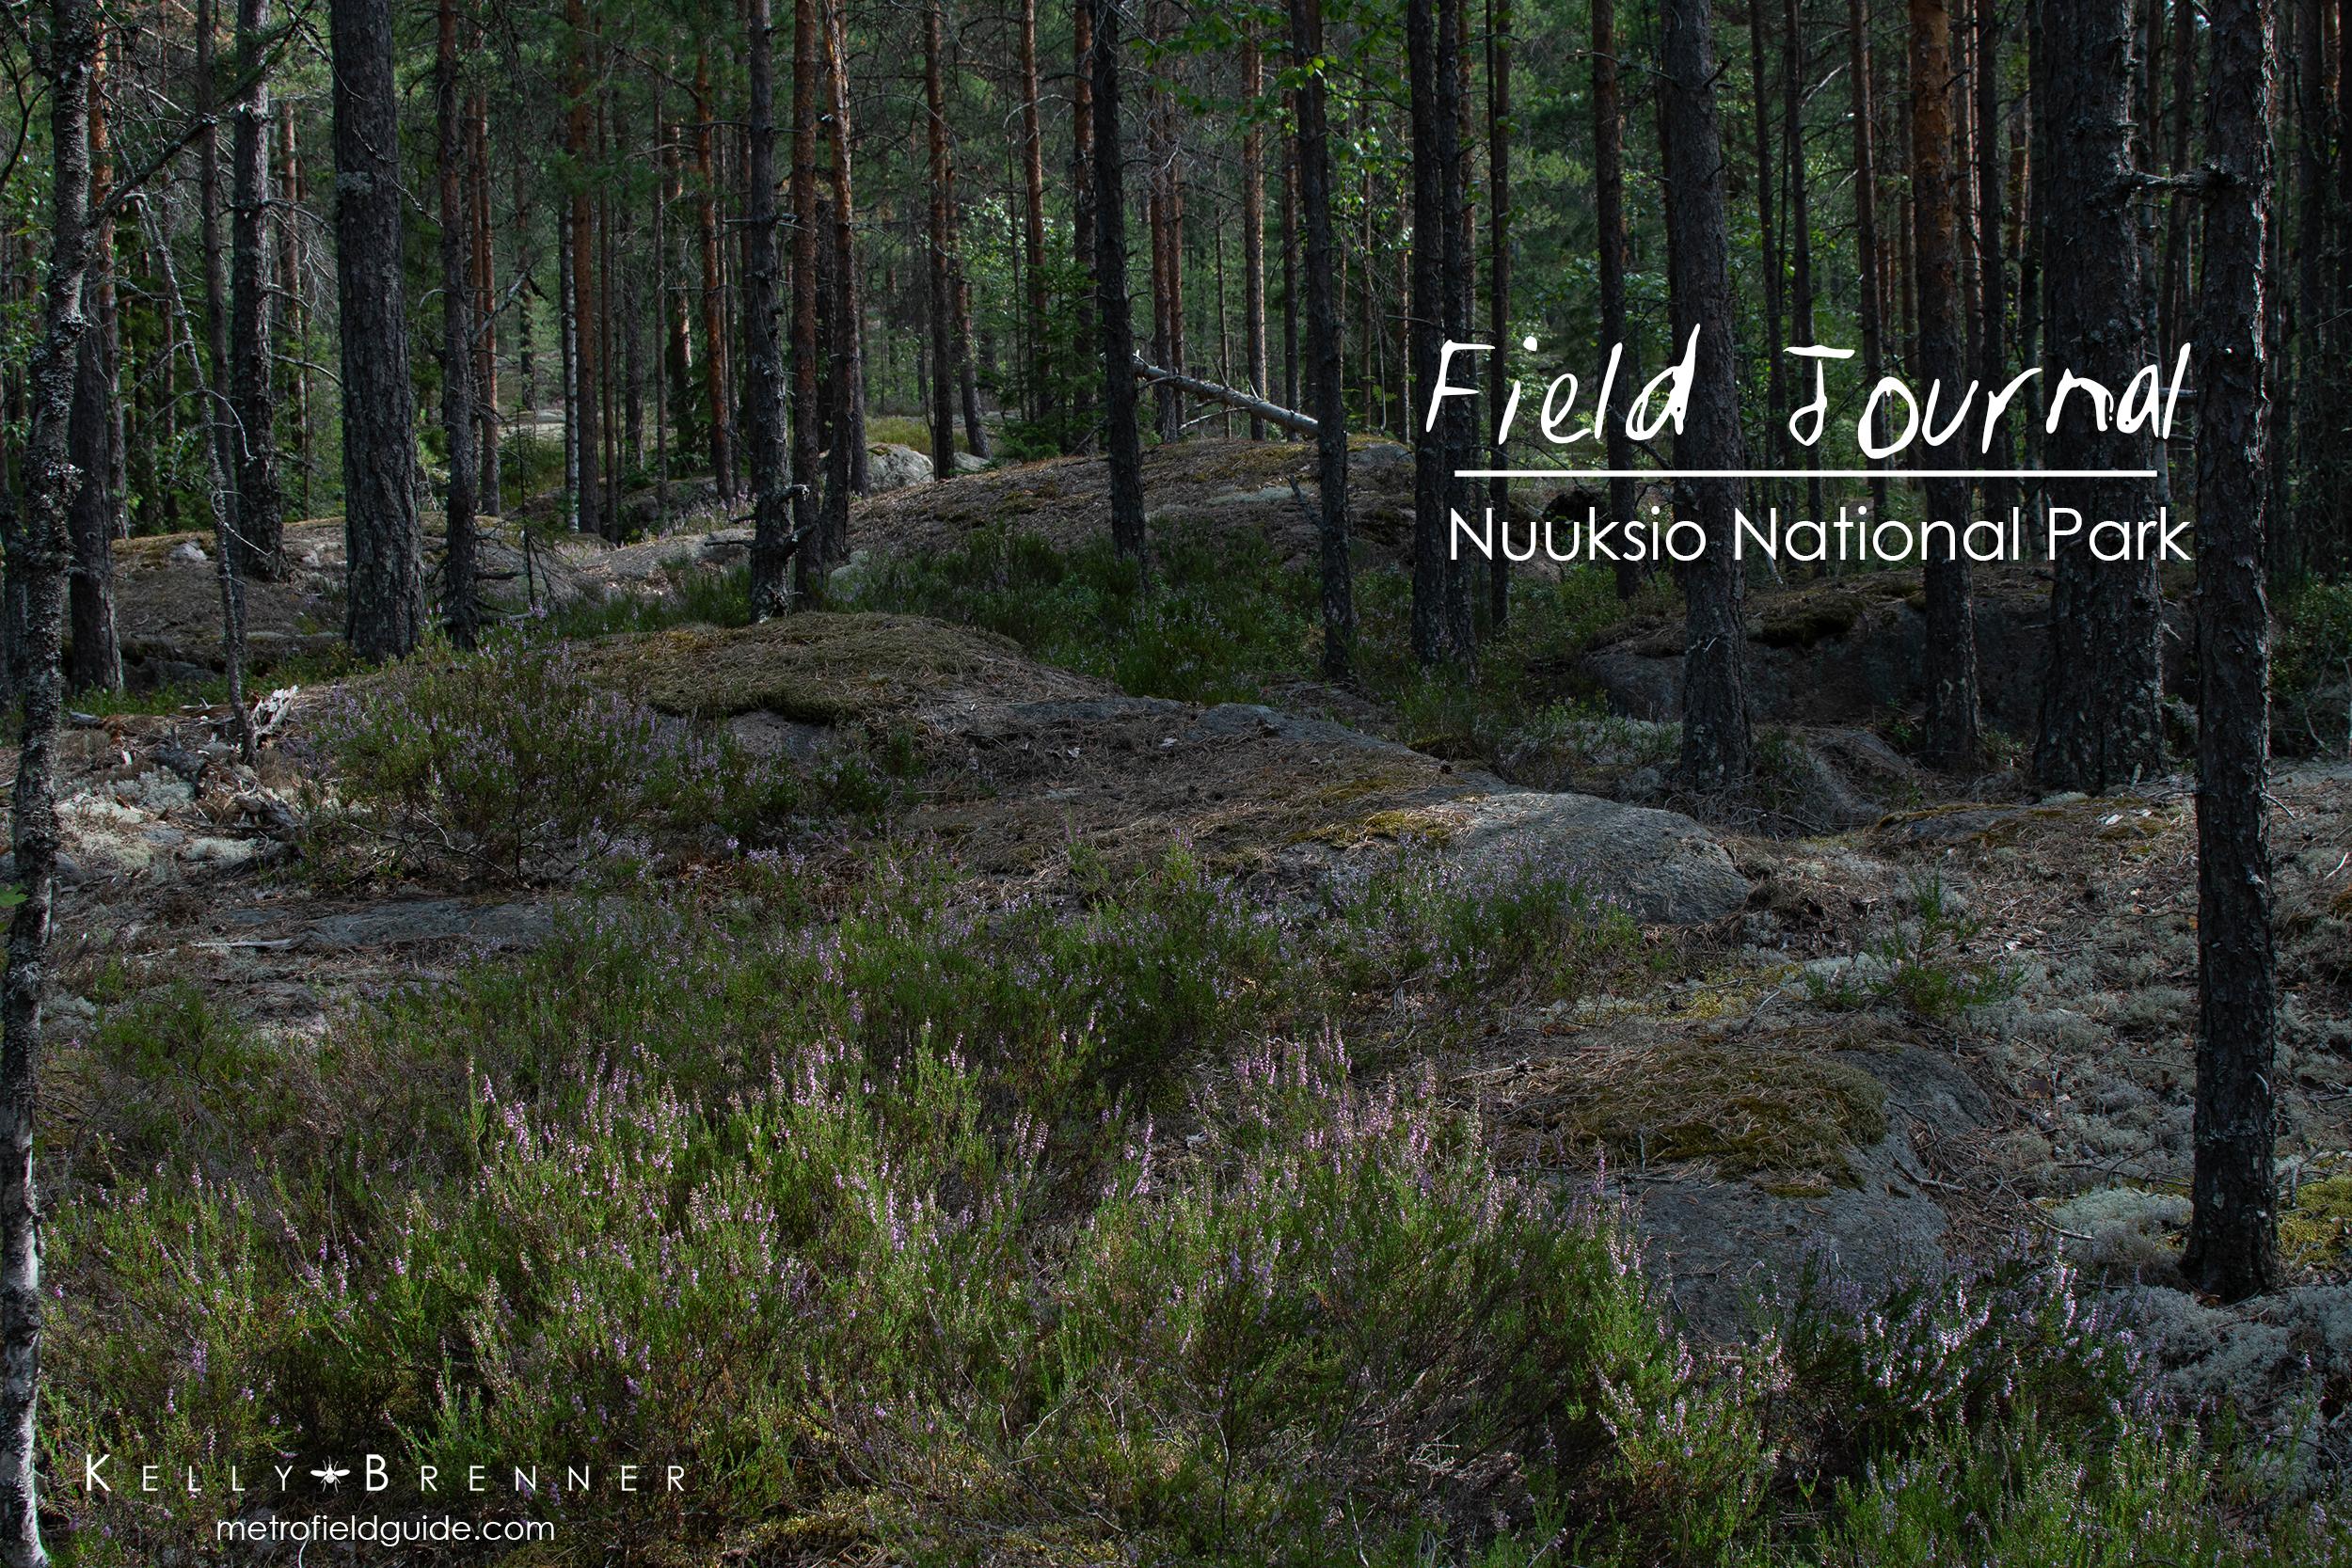 Field Journal: Nuuksio National Park